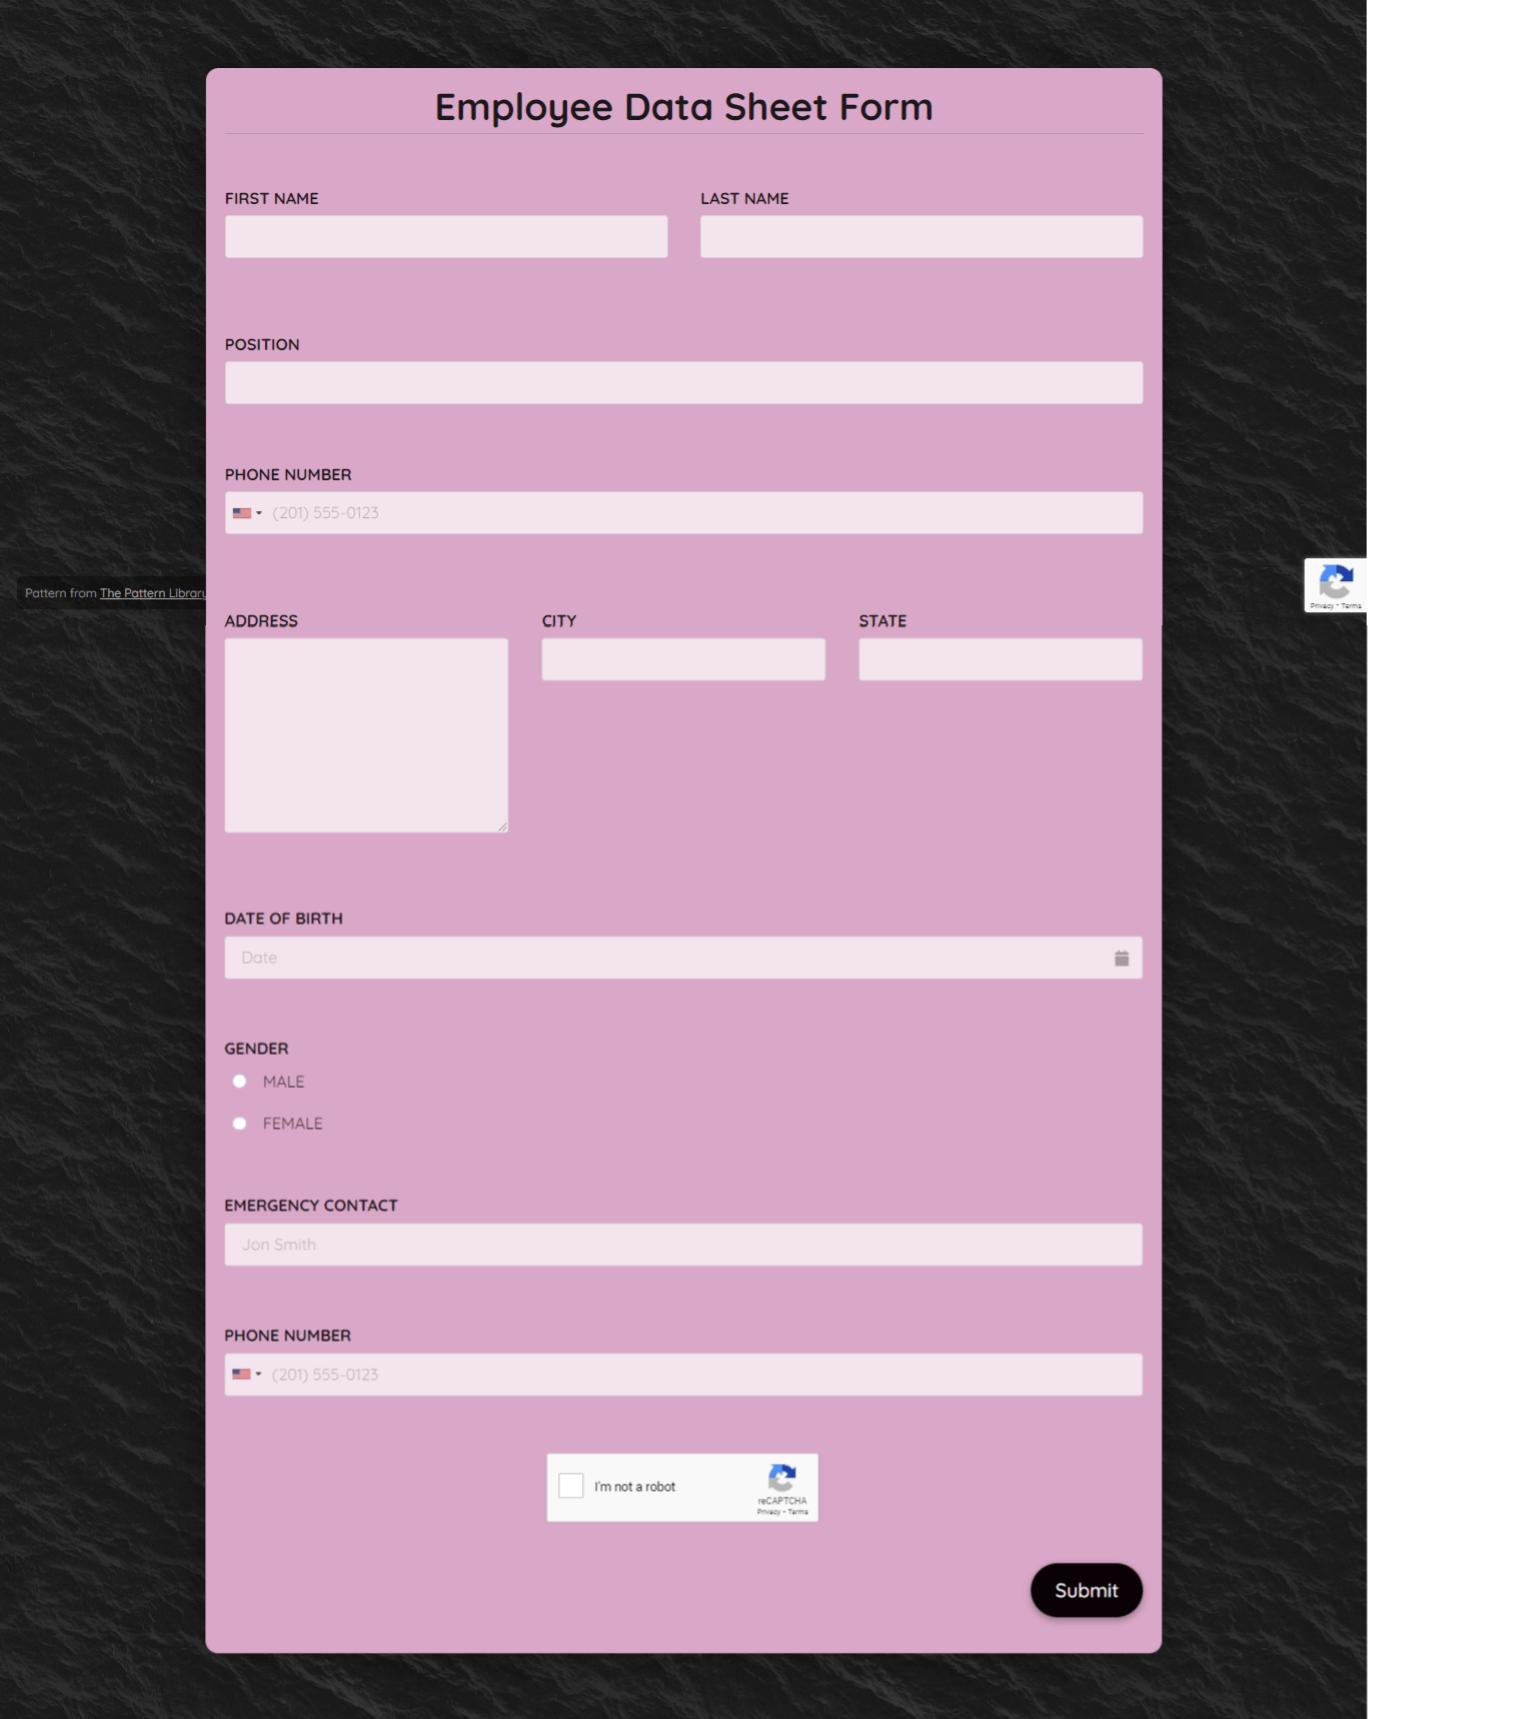 Employee Data Sheet Form Template template